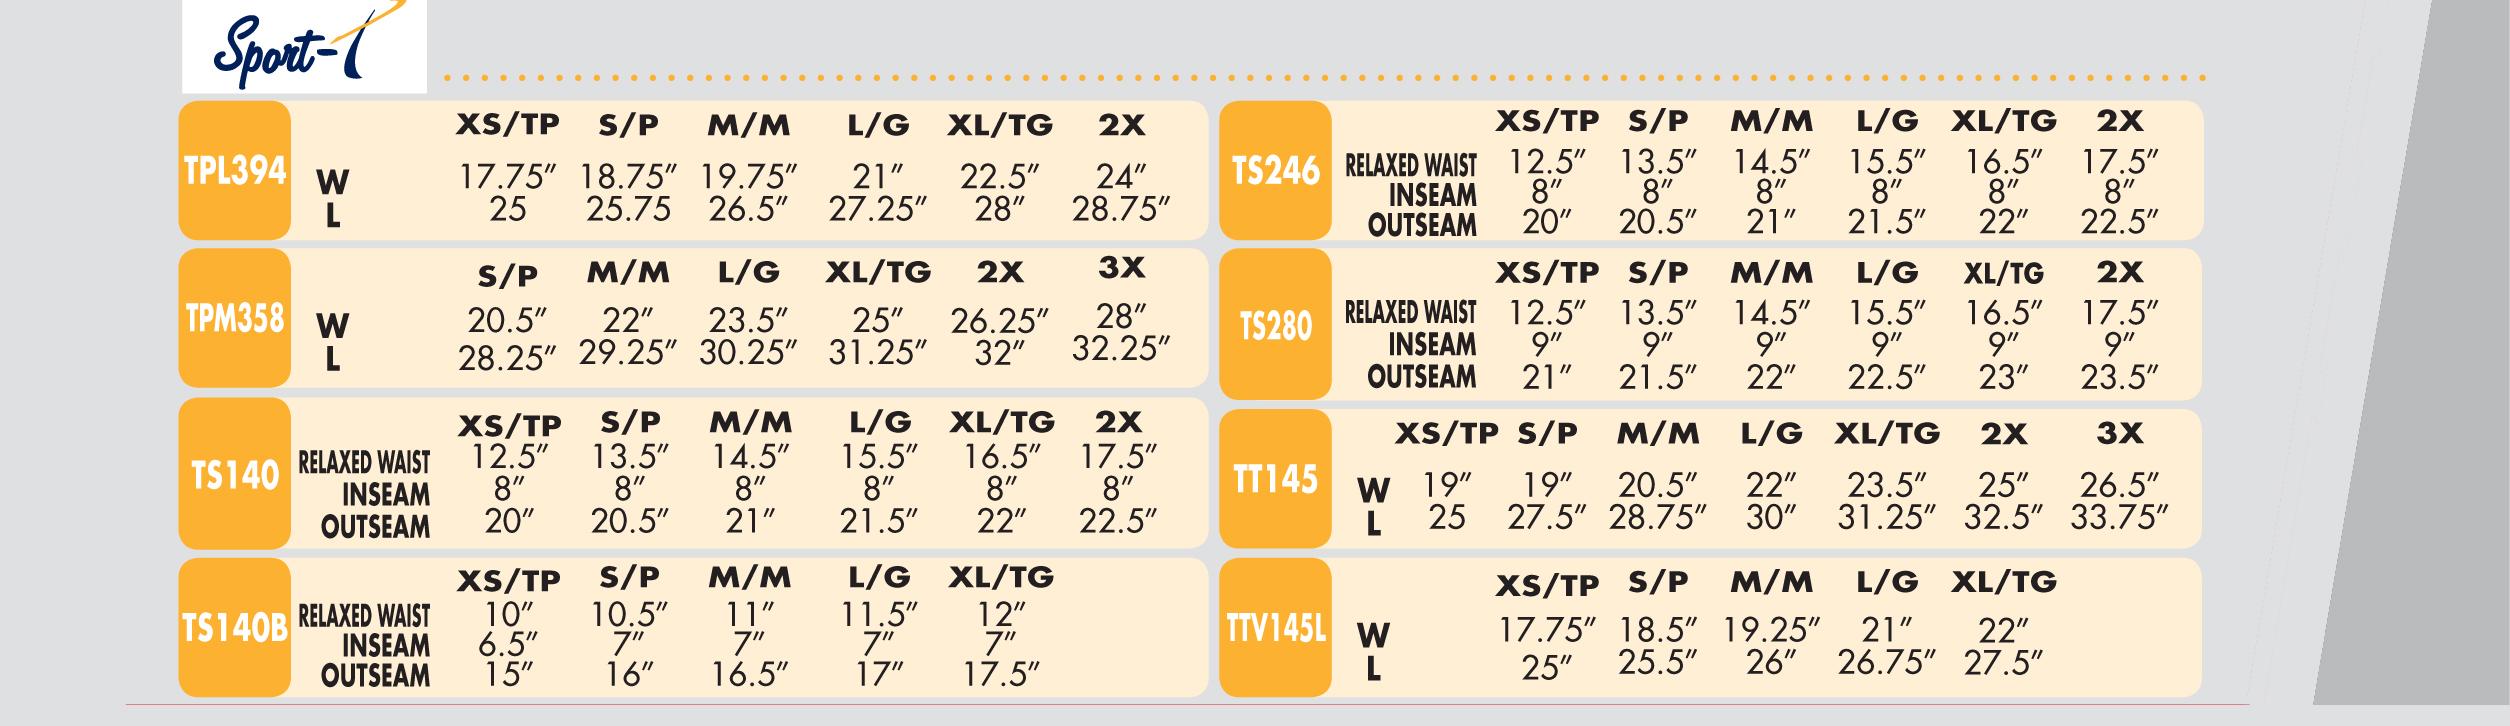 Sport-T Size Sheet